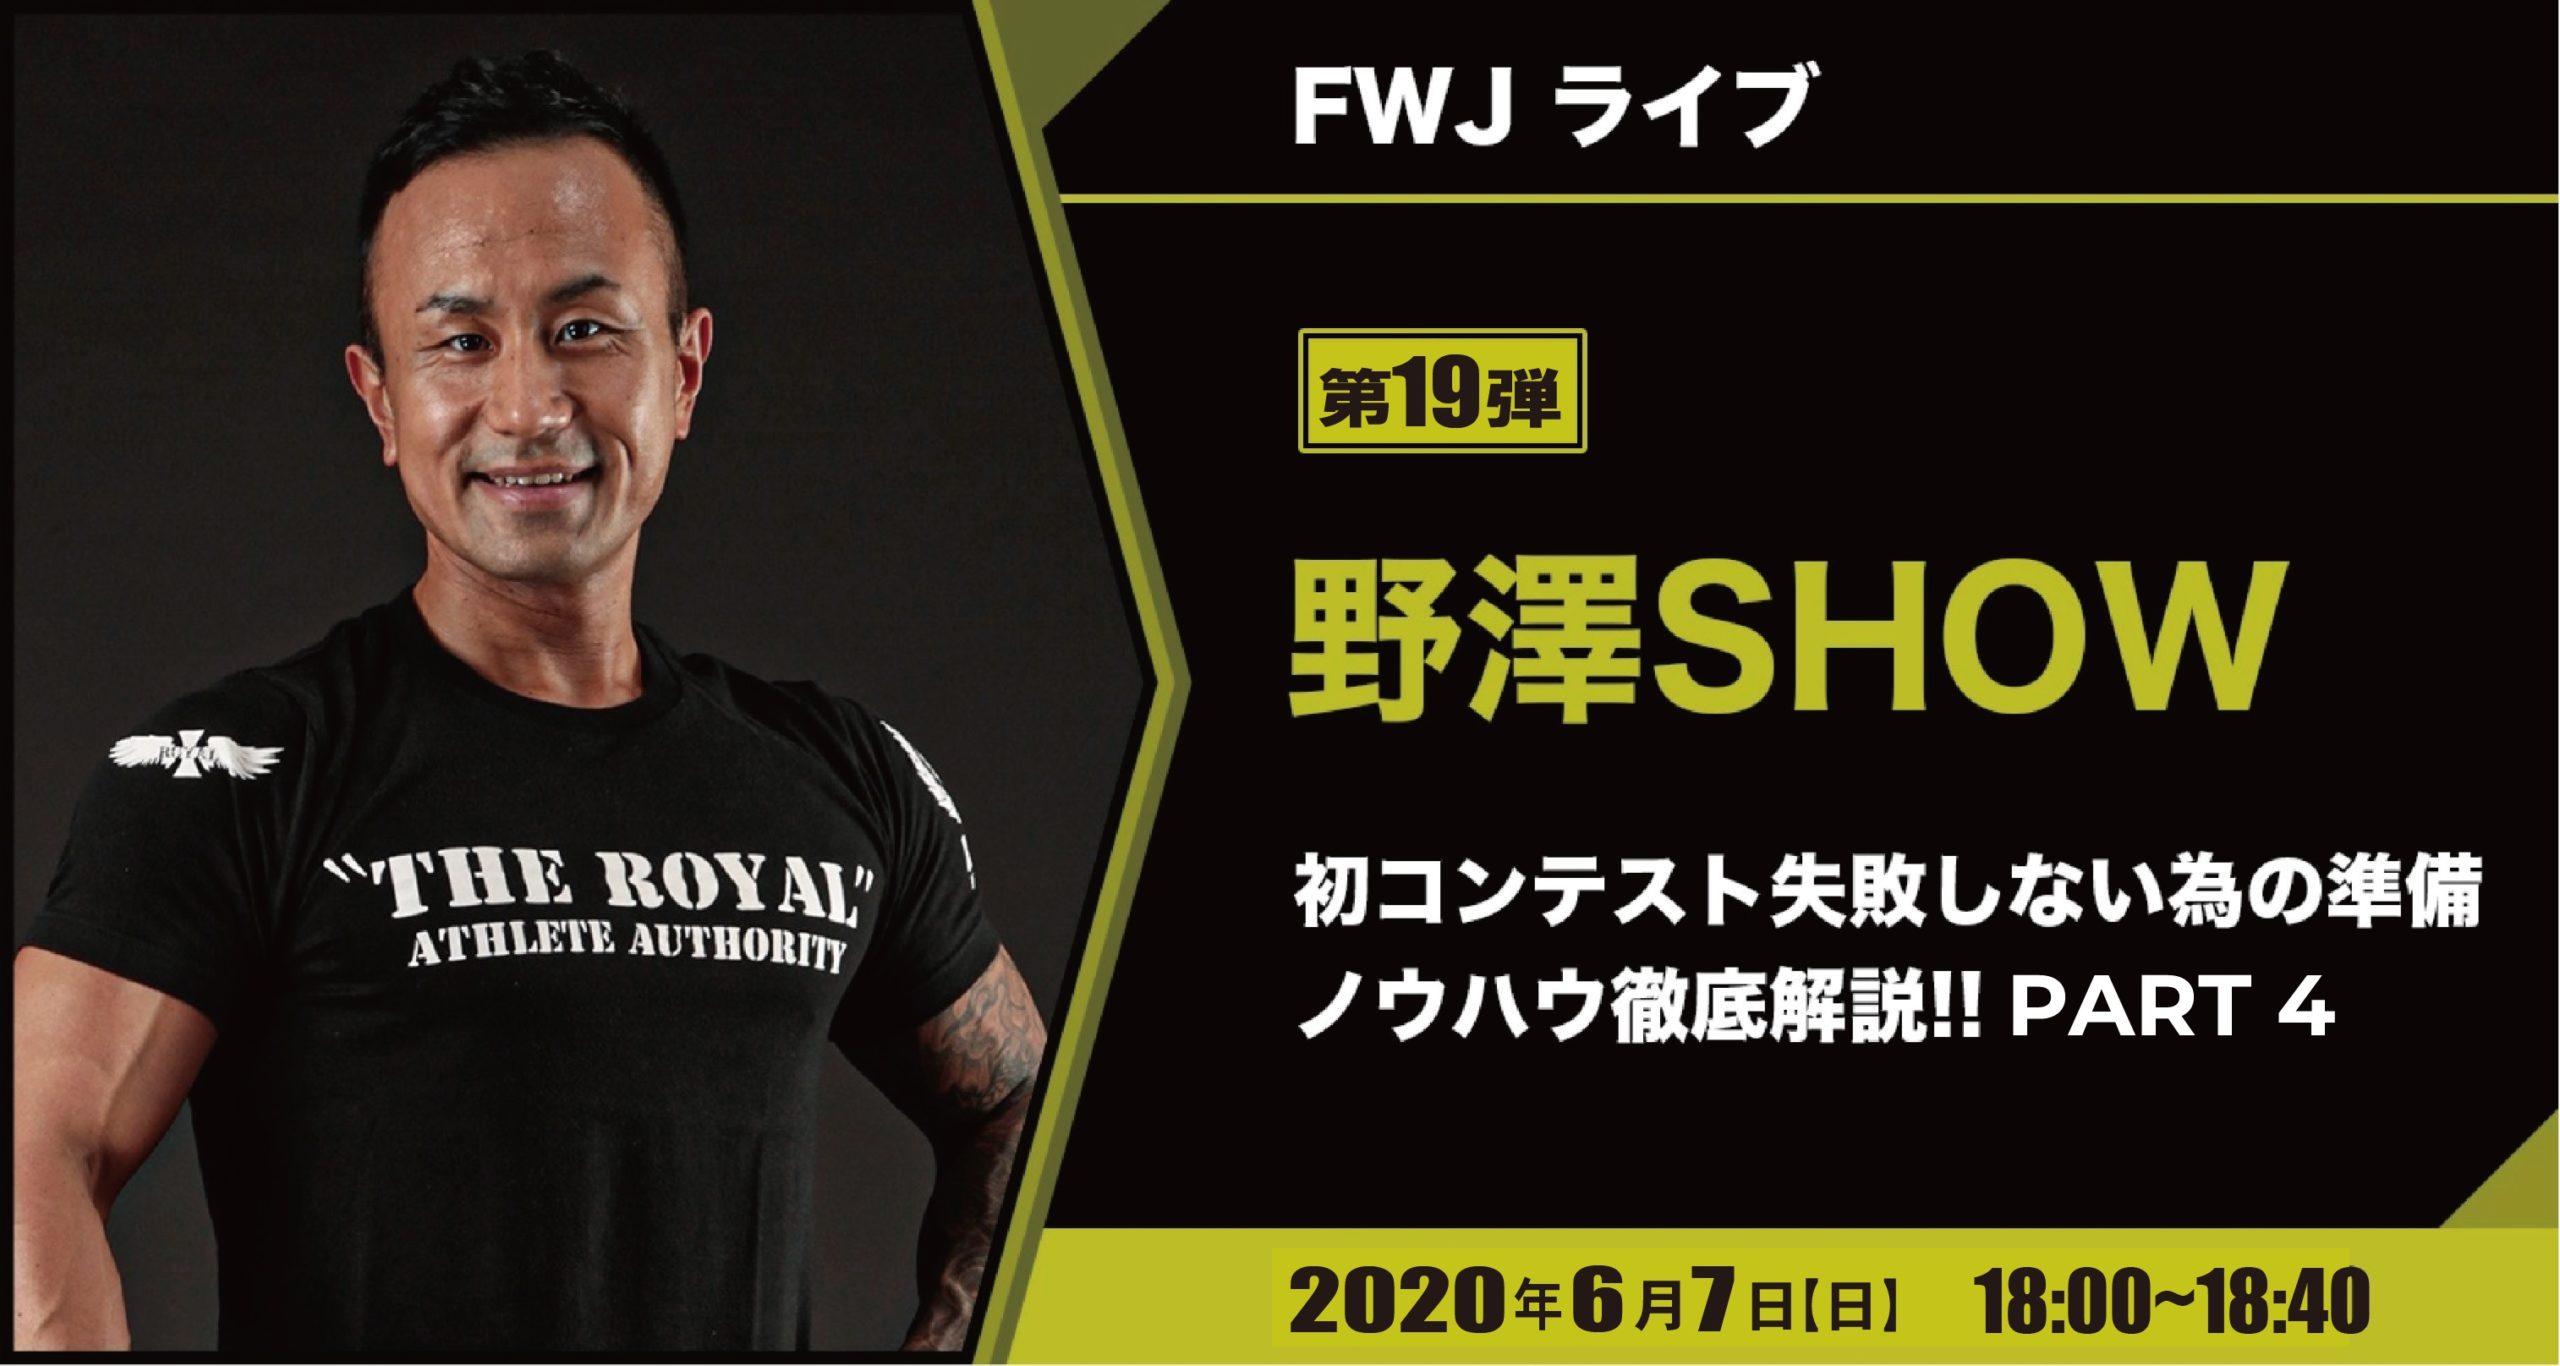 FWJライブ第19弾「野澤SHOW」明日から出来る!初コンテスト失敗しない為の準備  ノウハウ徹底解説!Part 4